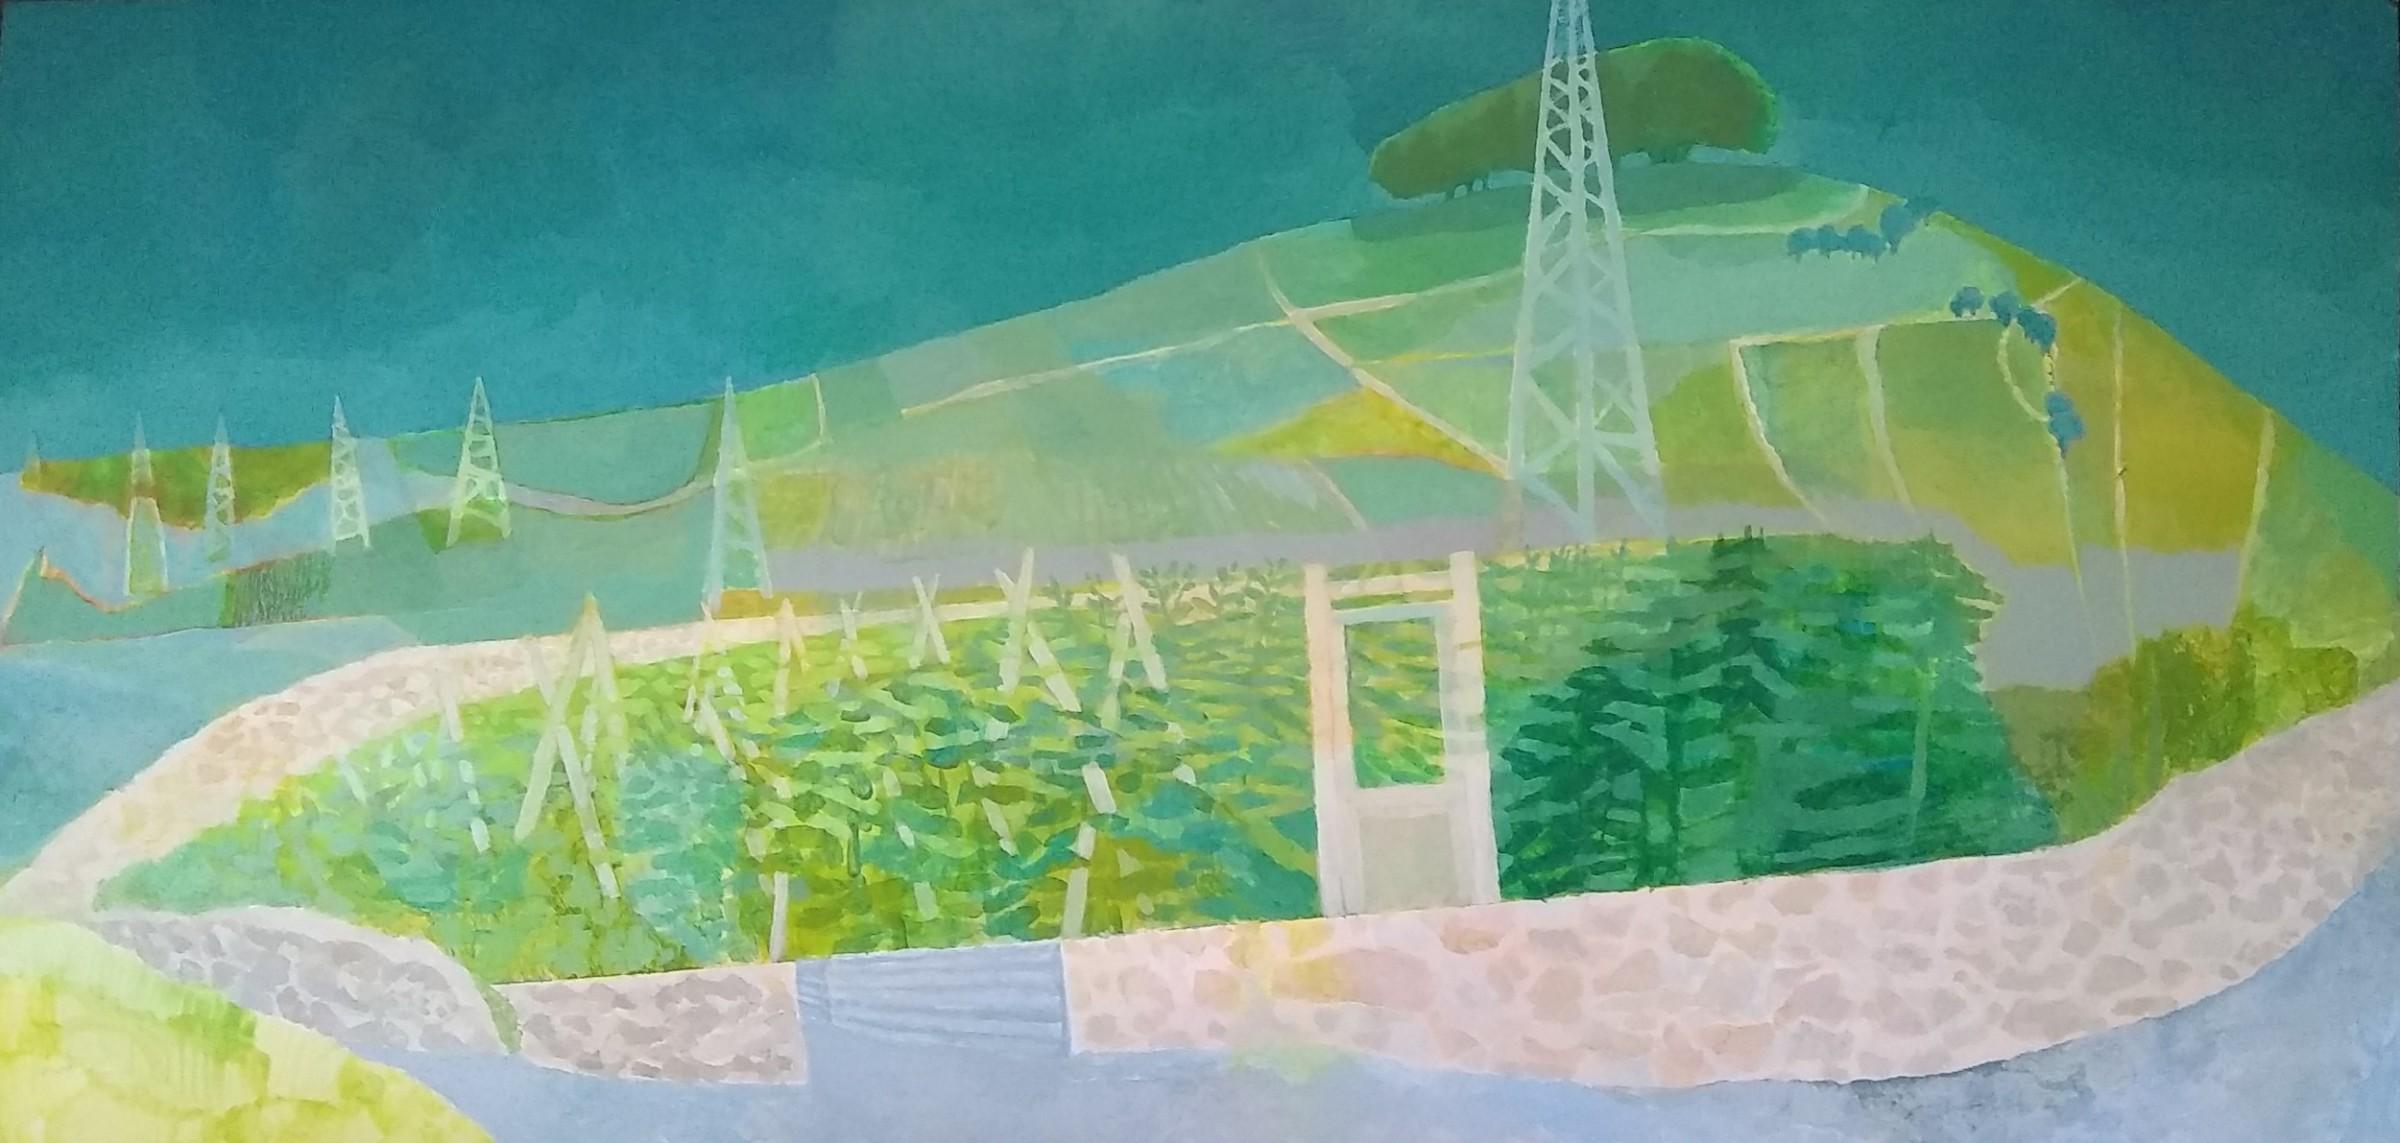 """<span class=""""link fancybox-details-link""""><a href=""""/artists/51-michael-collins/works/12360-michael-collins-buxton-landscape/"""">View Detail Page</a></span><div class=""""artist""""><span class=""""artist""""><strong>Michael Collins</strong></span></div><div class=""""title""""><em>Buxton Landscape</em></div><div class=""""medium"""">acrylic</div><div class=""""dimensions"""">Frame: 40 x 70 cm<br /> Artwork: 30 x 60 cm</div><div class=""""price"""">£800.00</div>"""